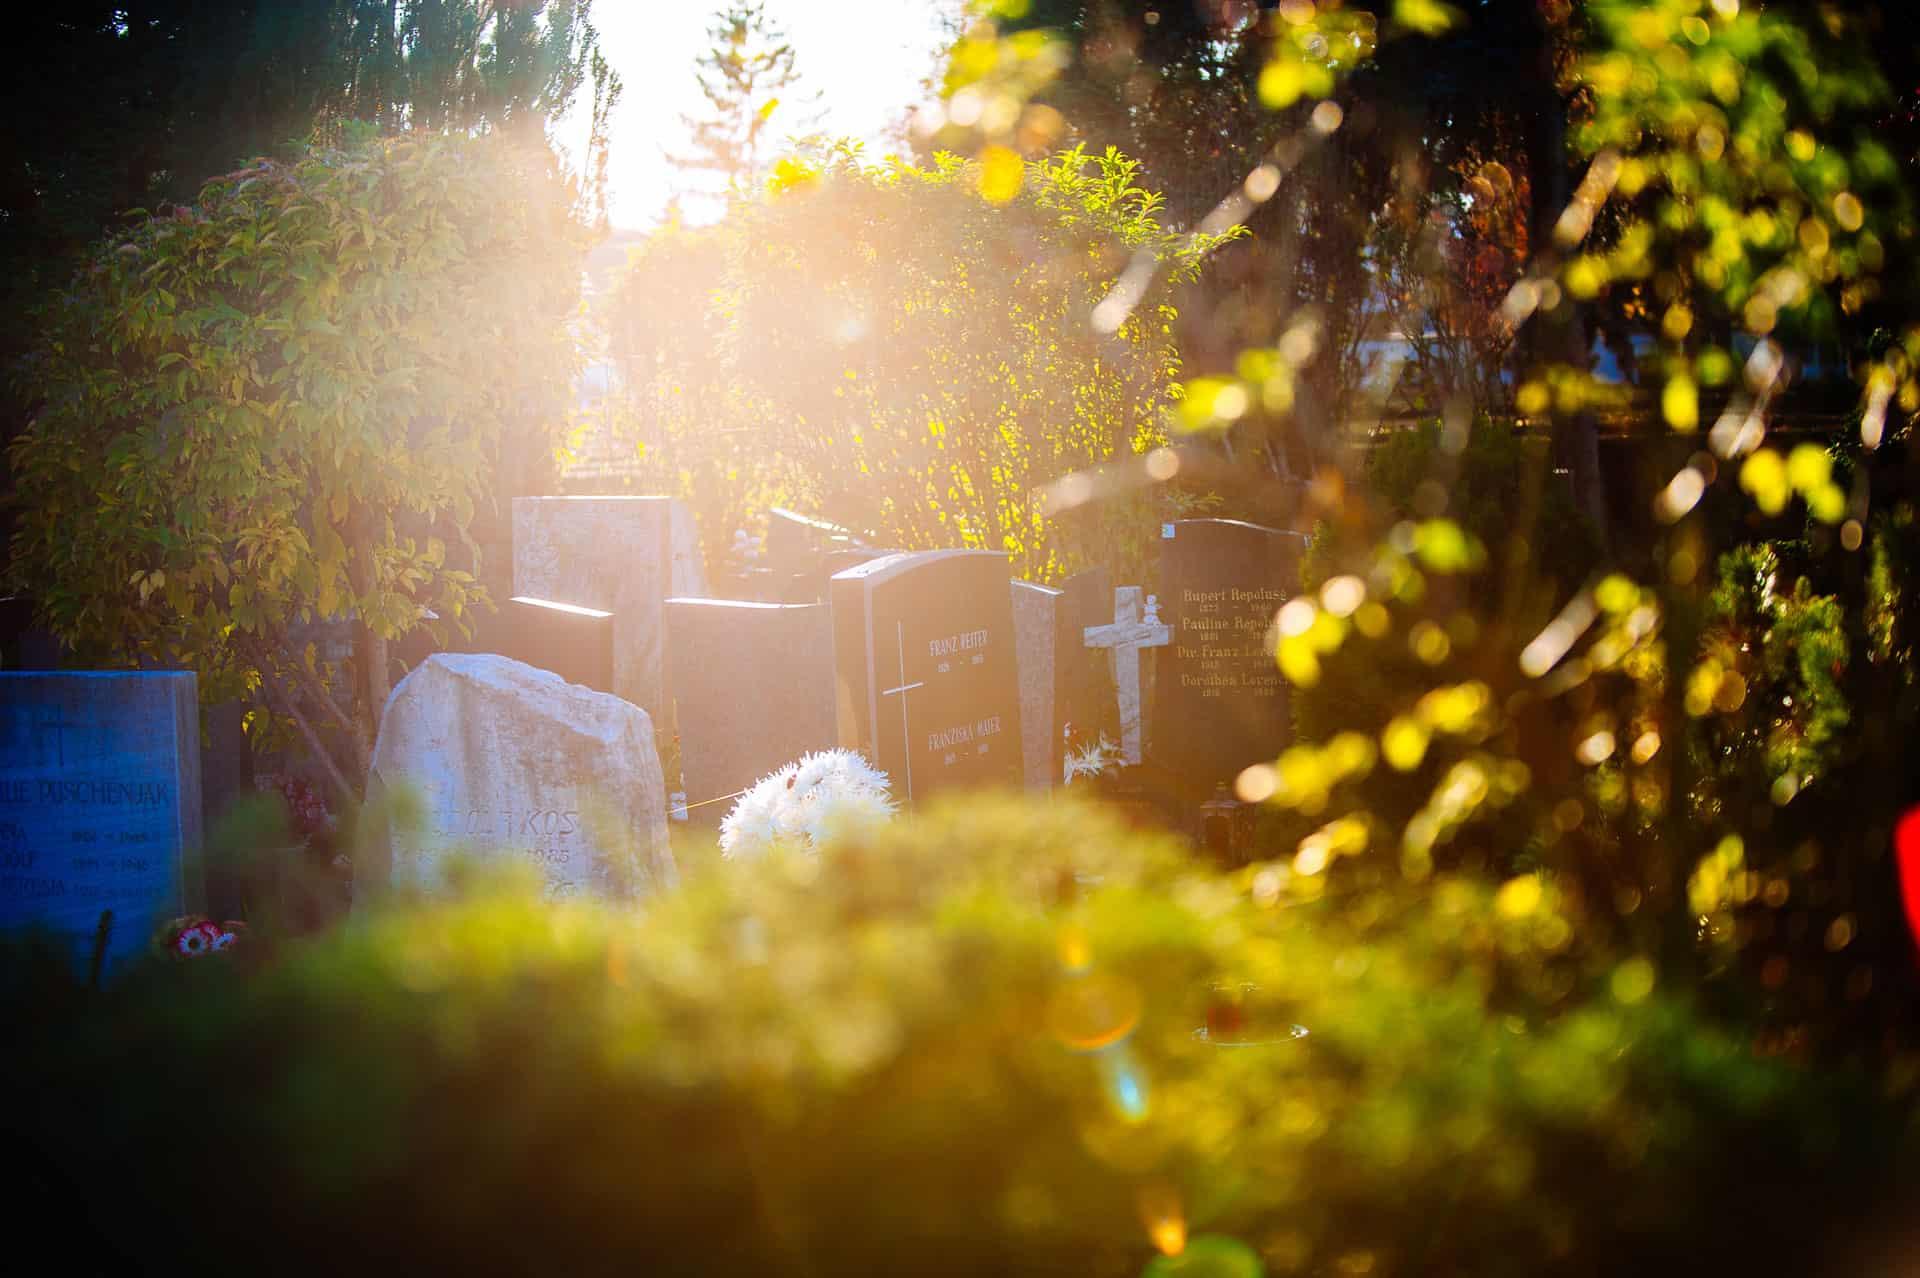 Holding Graz Bestattung - Urnenfriedhof - Bestattung - Feuerbestattung - Bestattung Graz 14